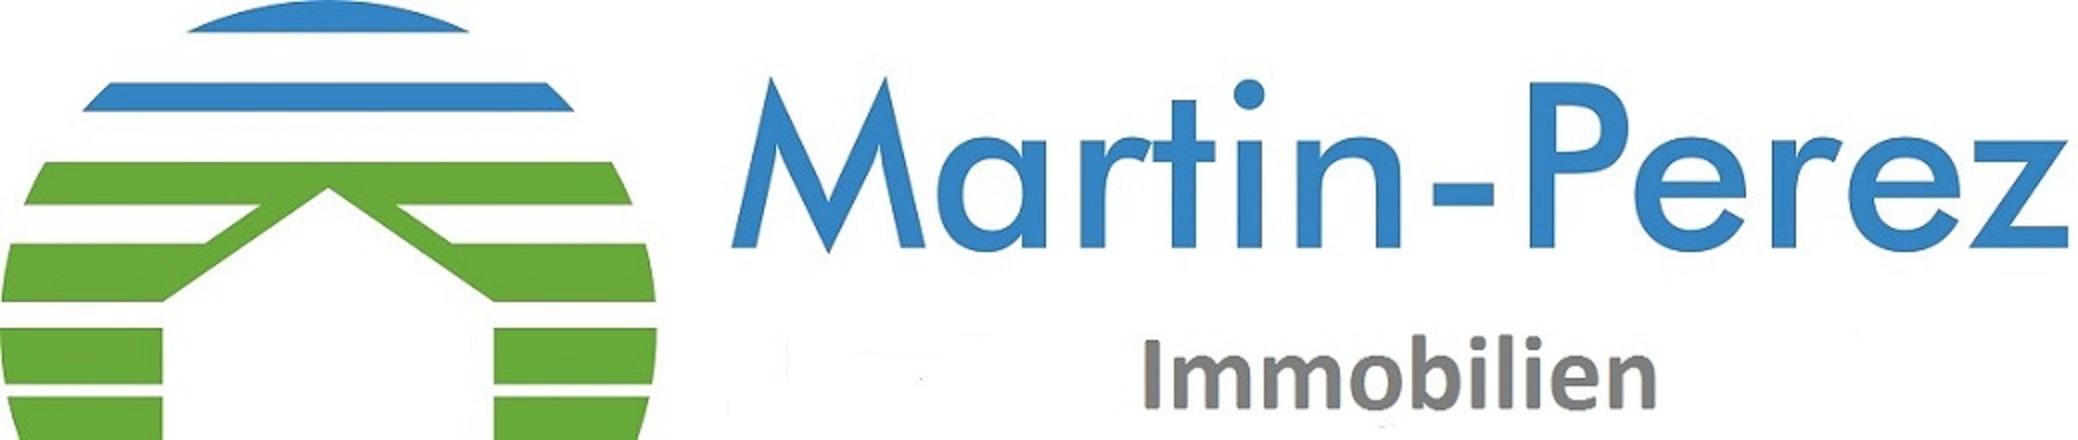 Hier sehen Sie das Logo von Martin-Perez Immobilien